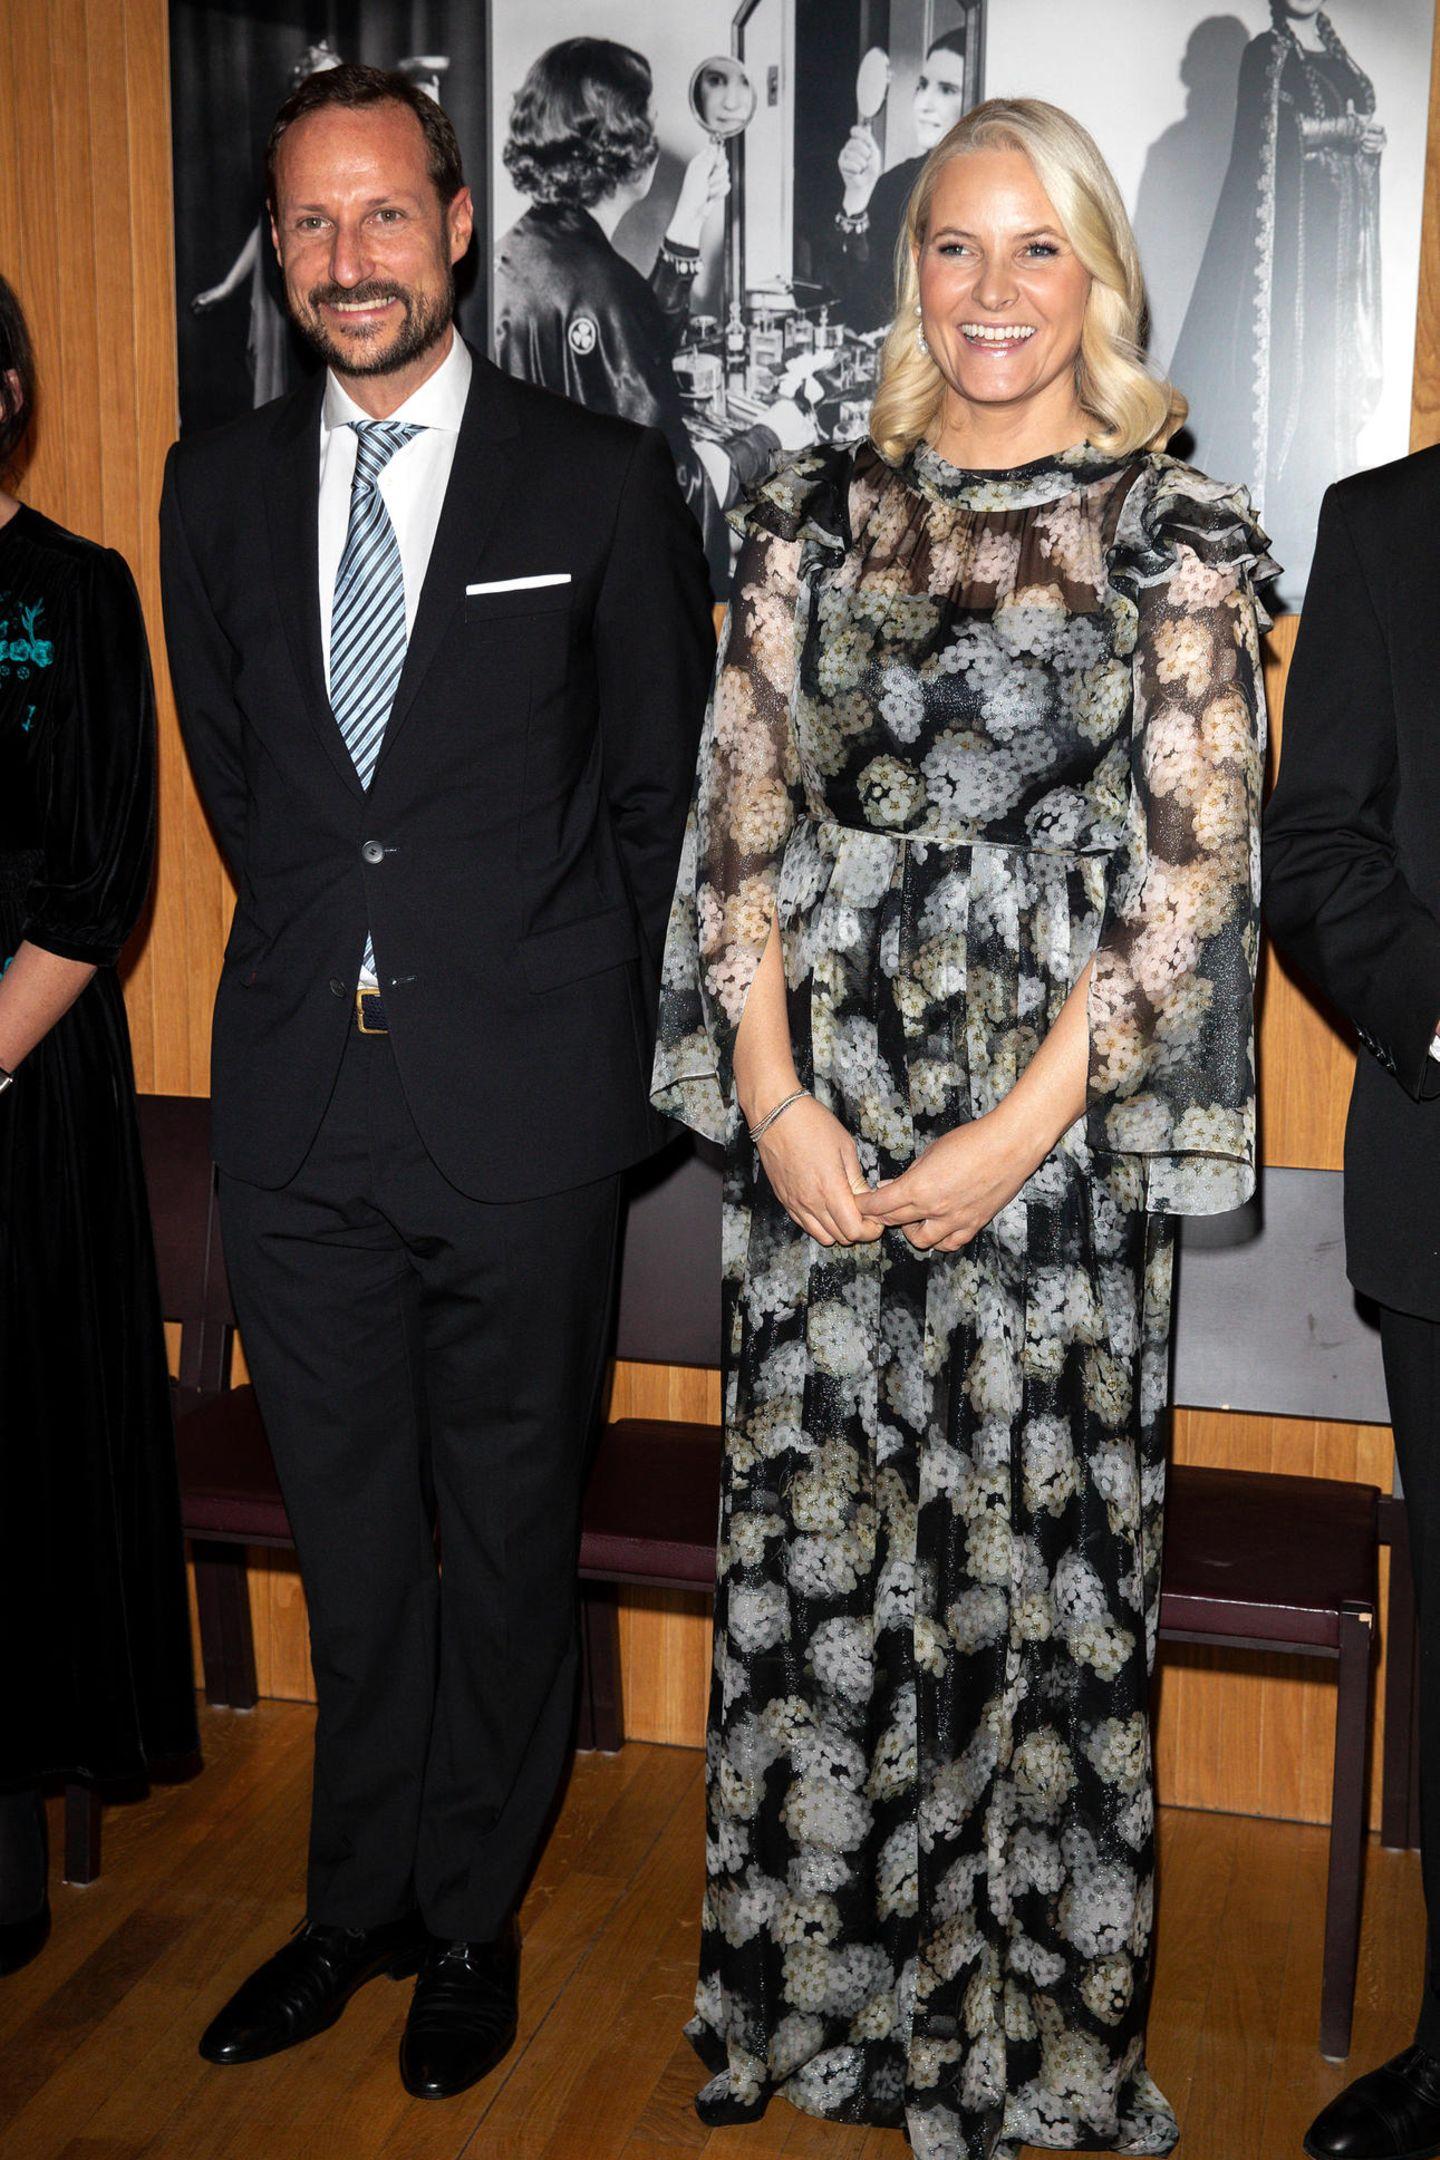 30. Oktober 2018  Strahlend schön präsentieren sich Prinzessin Mette-Marit und Prinz Haakonbei der Verleihung des Literaturpreises des Nordischen Rates.